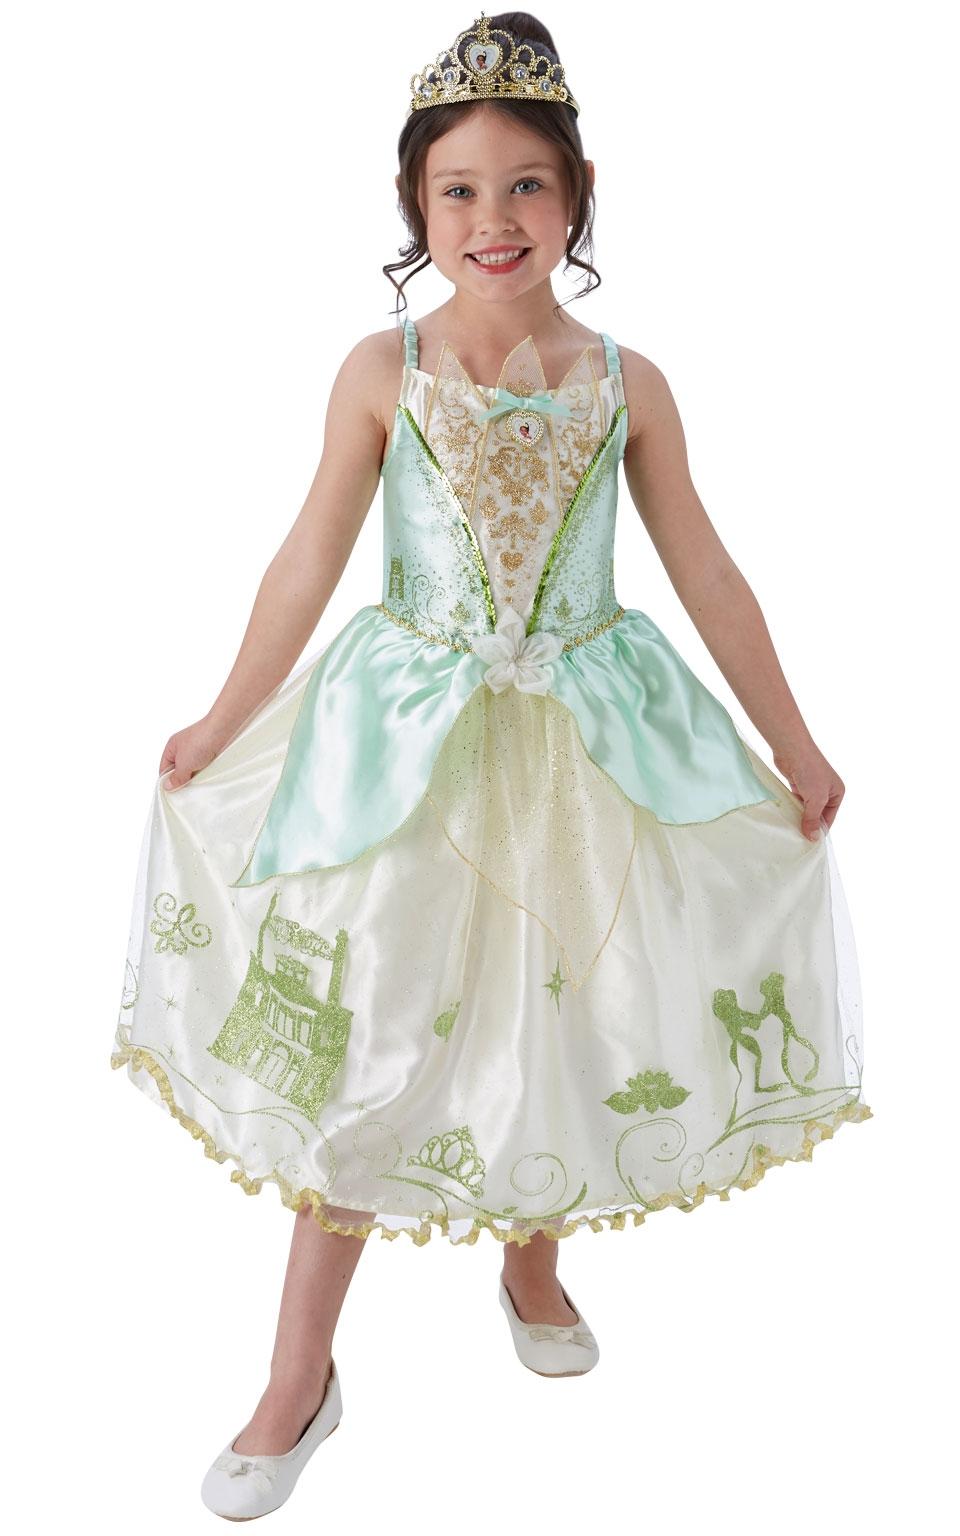 цены на Костюм принцессы Тианы (28-30) в интернет-магазинах